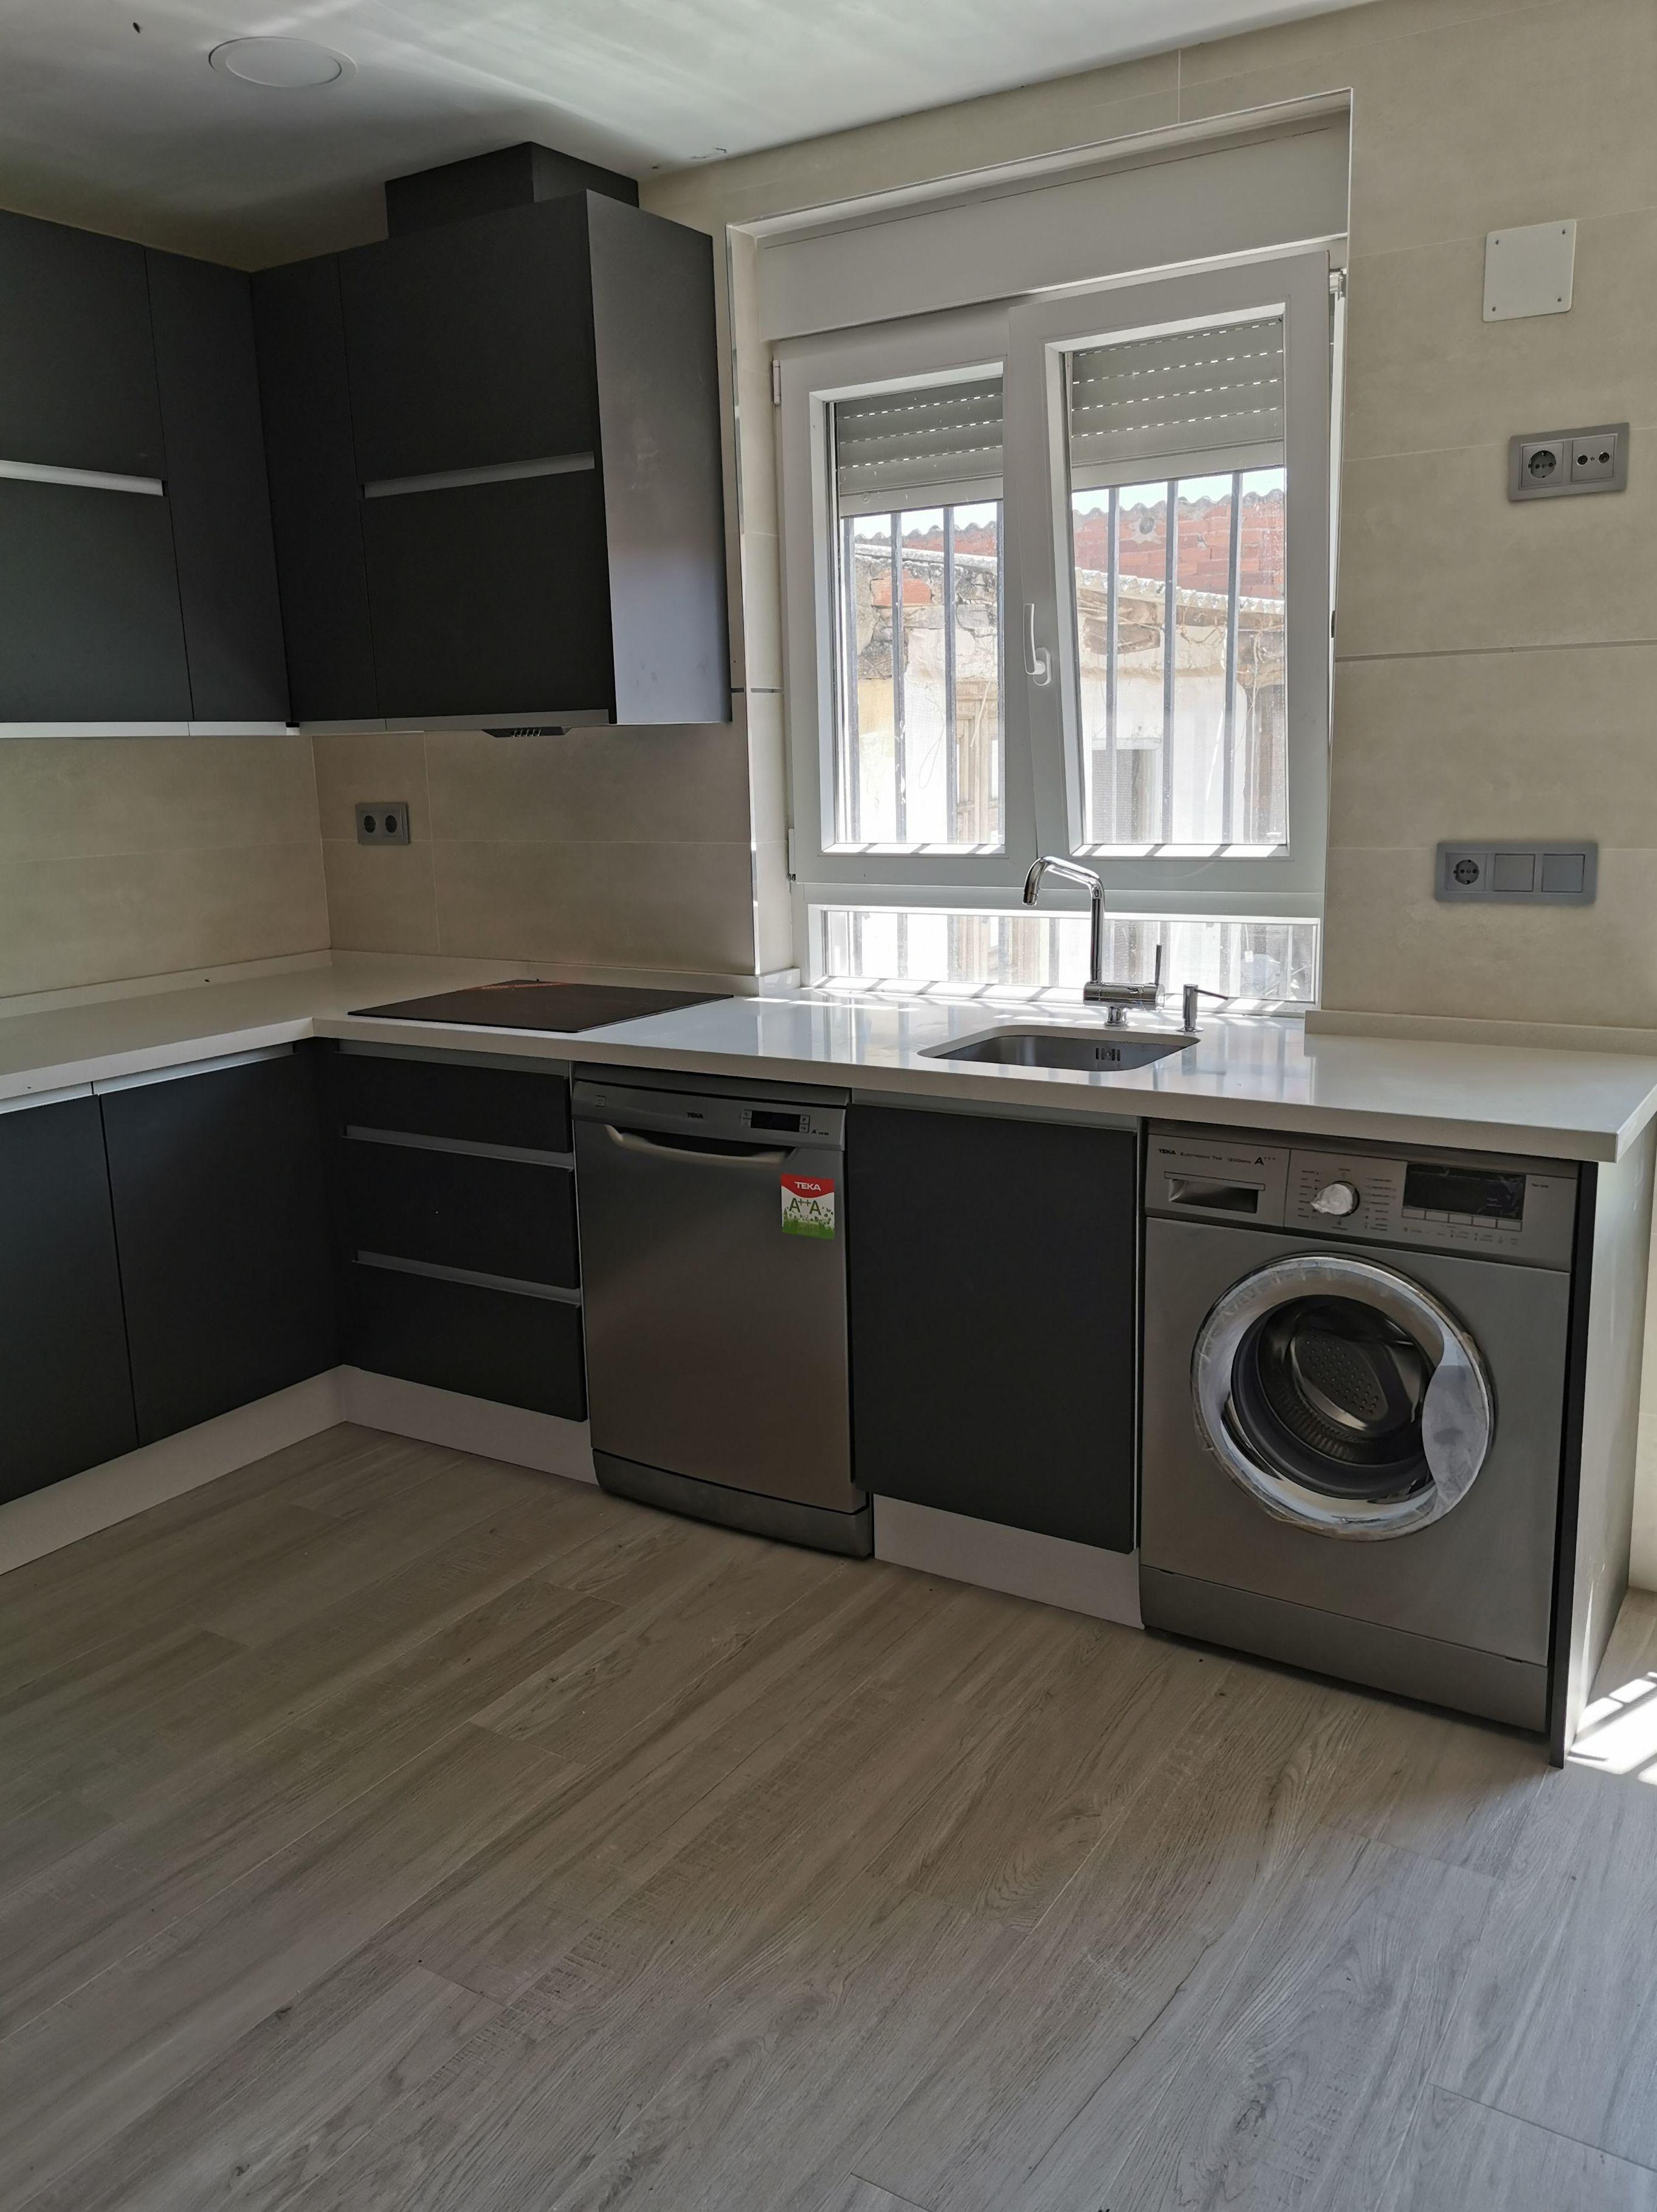 Foto 9 de Reformas en baños y cocinas en Trobajo del Camino | F. Alba, cocinas y baños